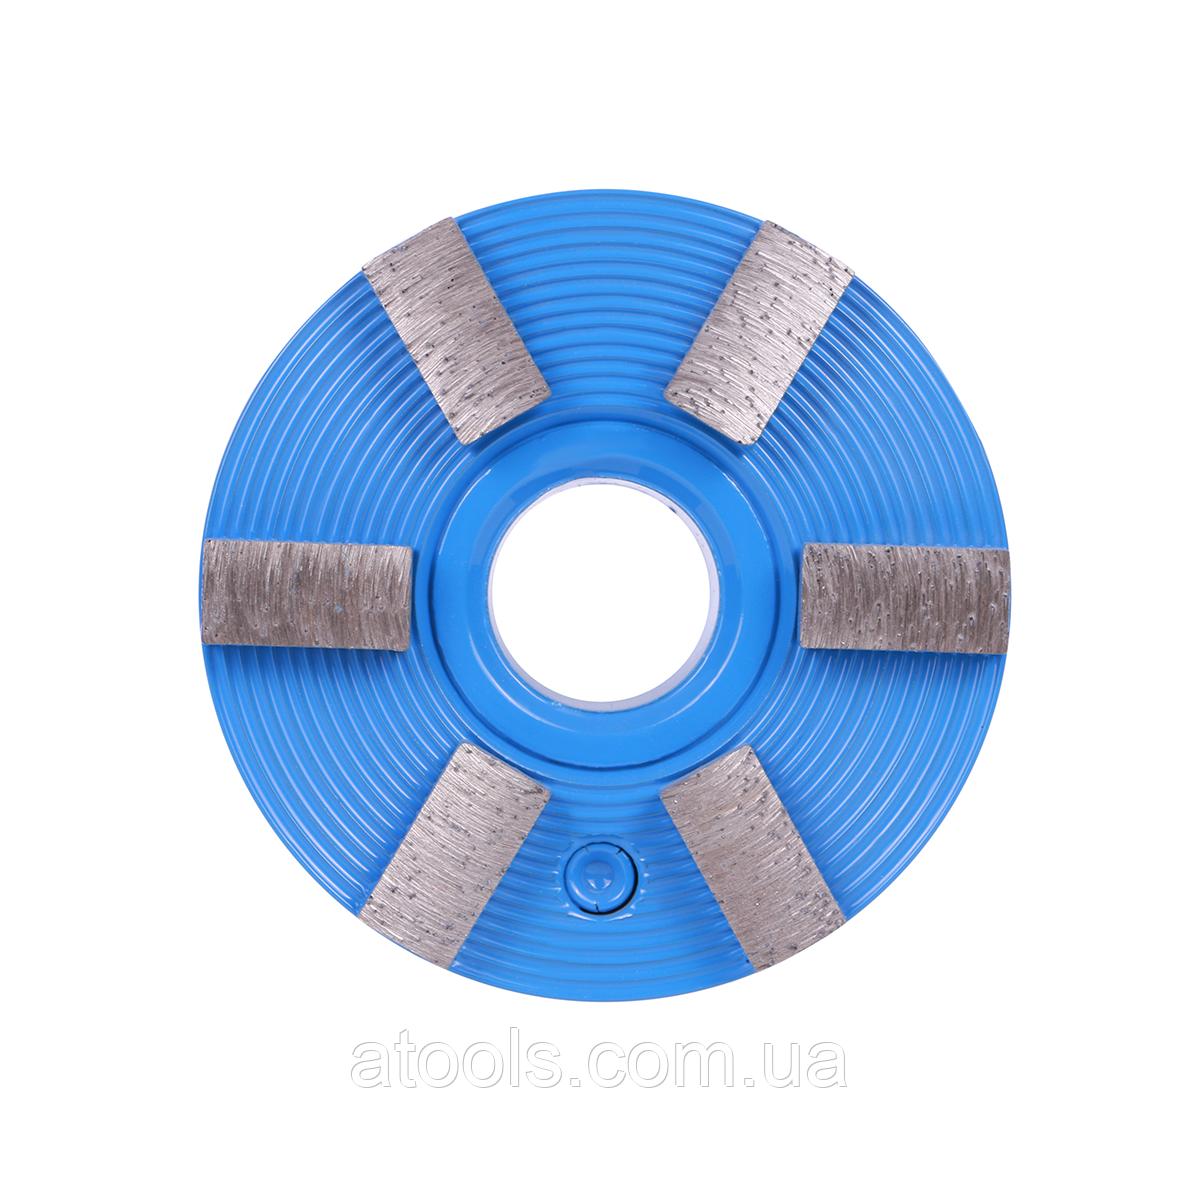 Фреза шлифовальная Distar Vortex ФАТС-W 95/МШМ-6 №00/30 (16923119004)